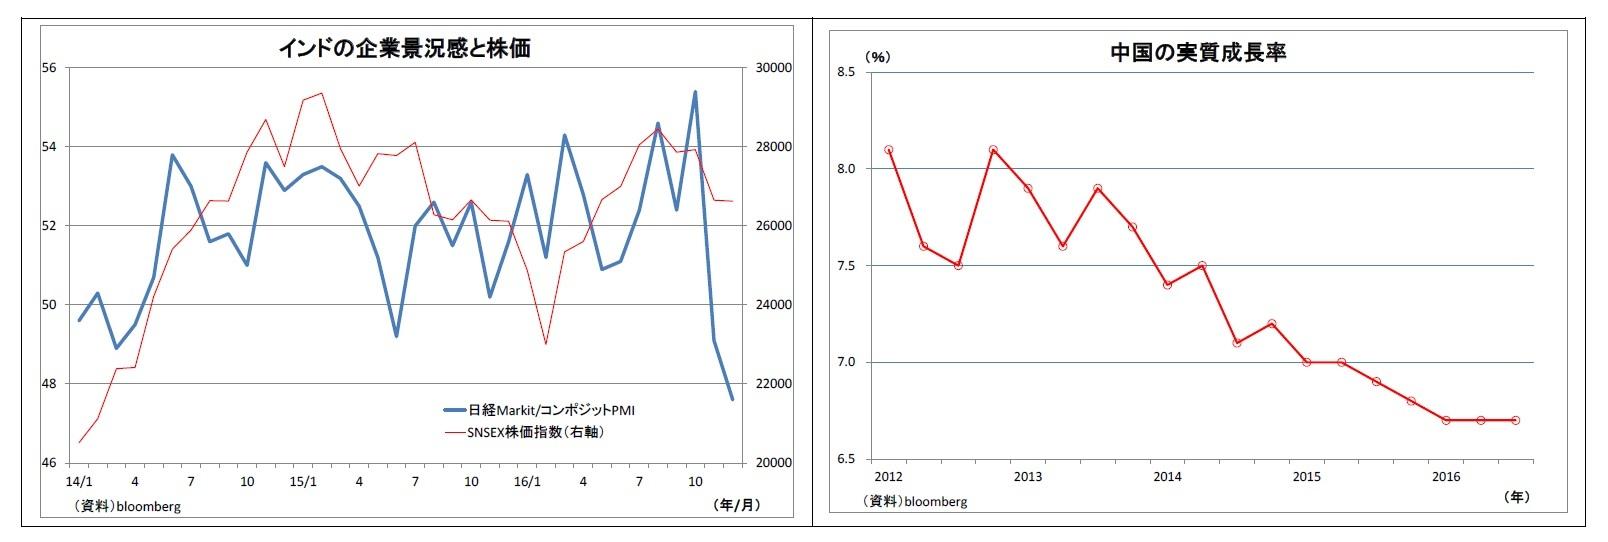 インドの企業景況感と株価/中国の実質成長率